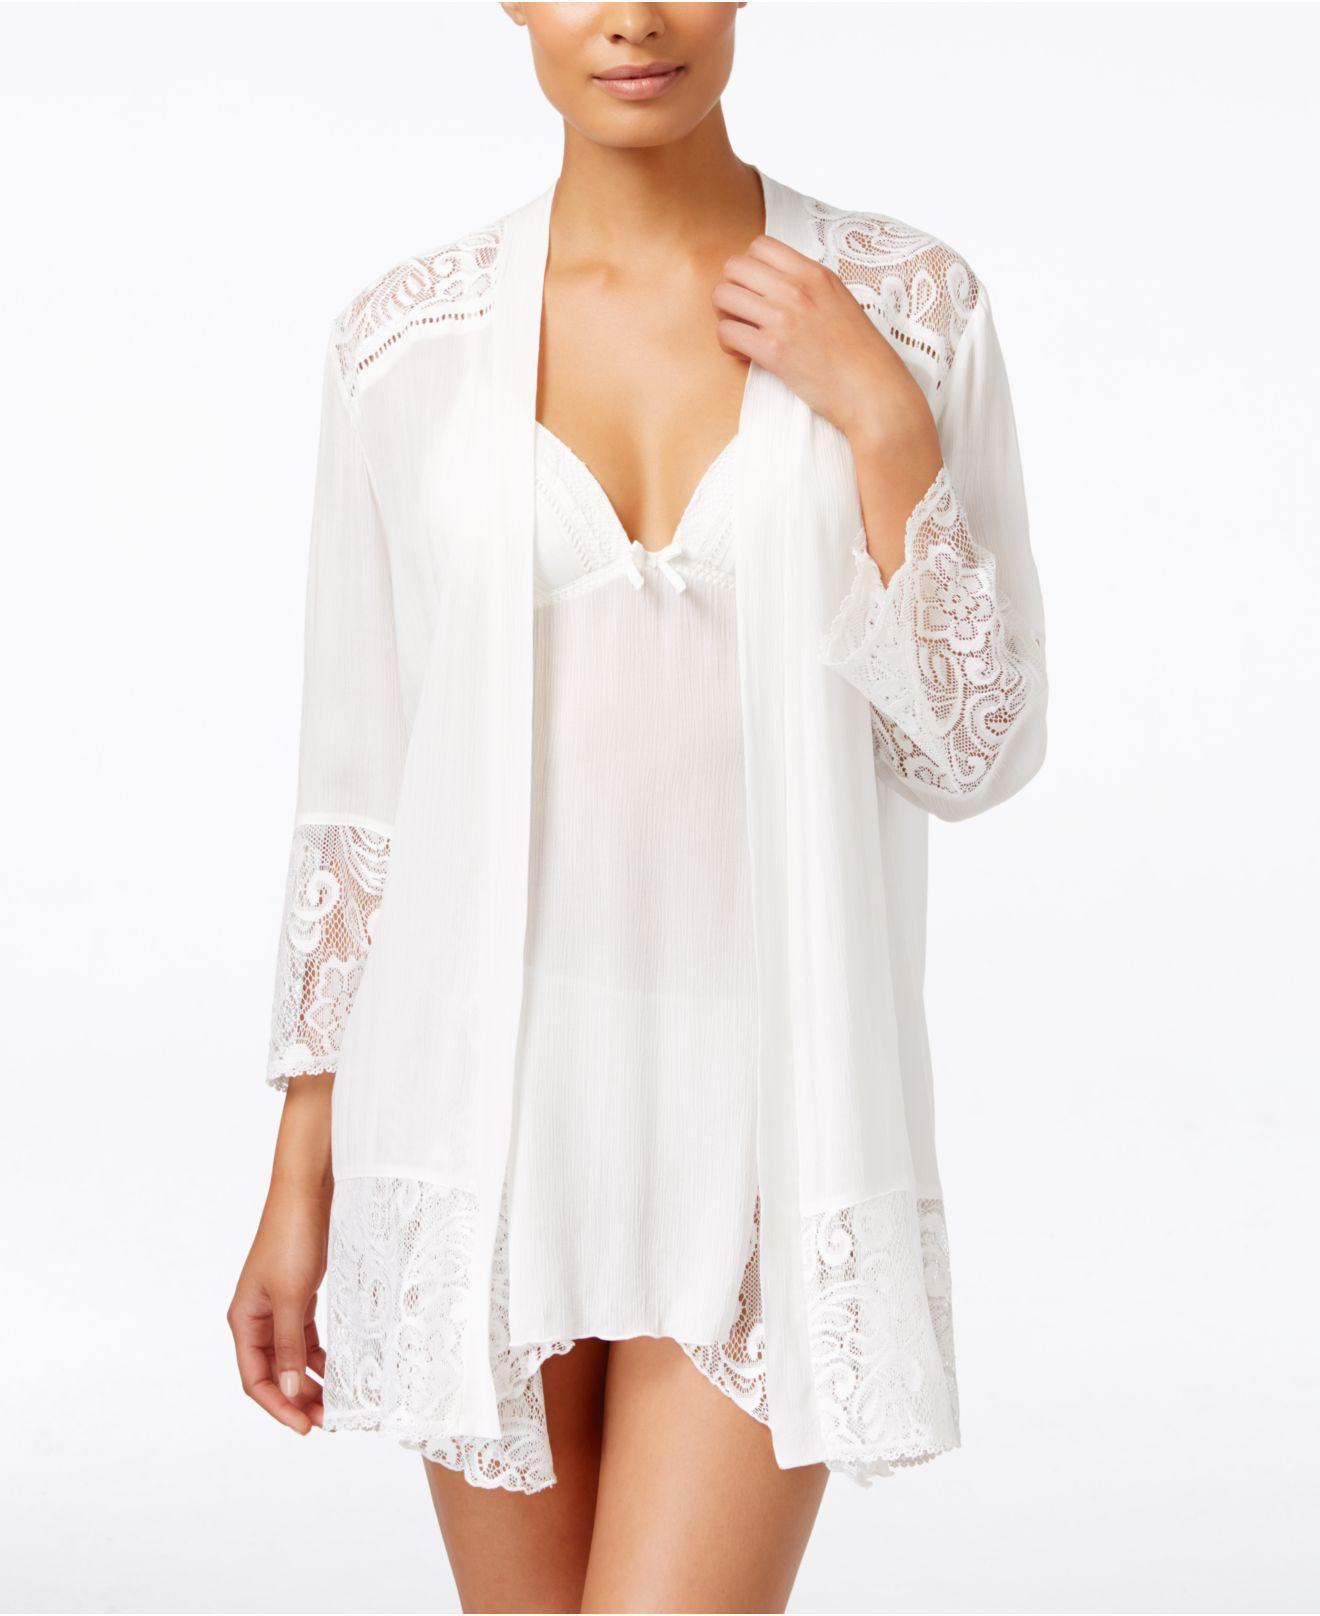 703d37fb86 Lyst - Linea Donatella Flower Child Sheer Lace-trim Kimono Robe in White